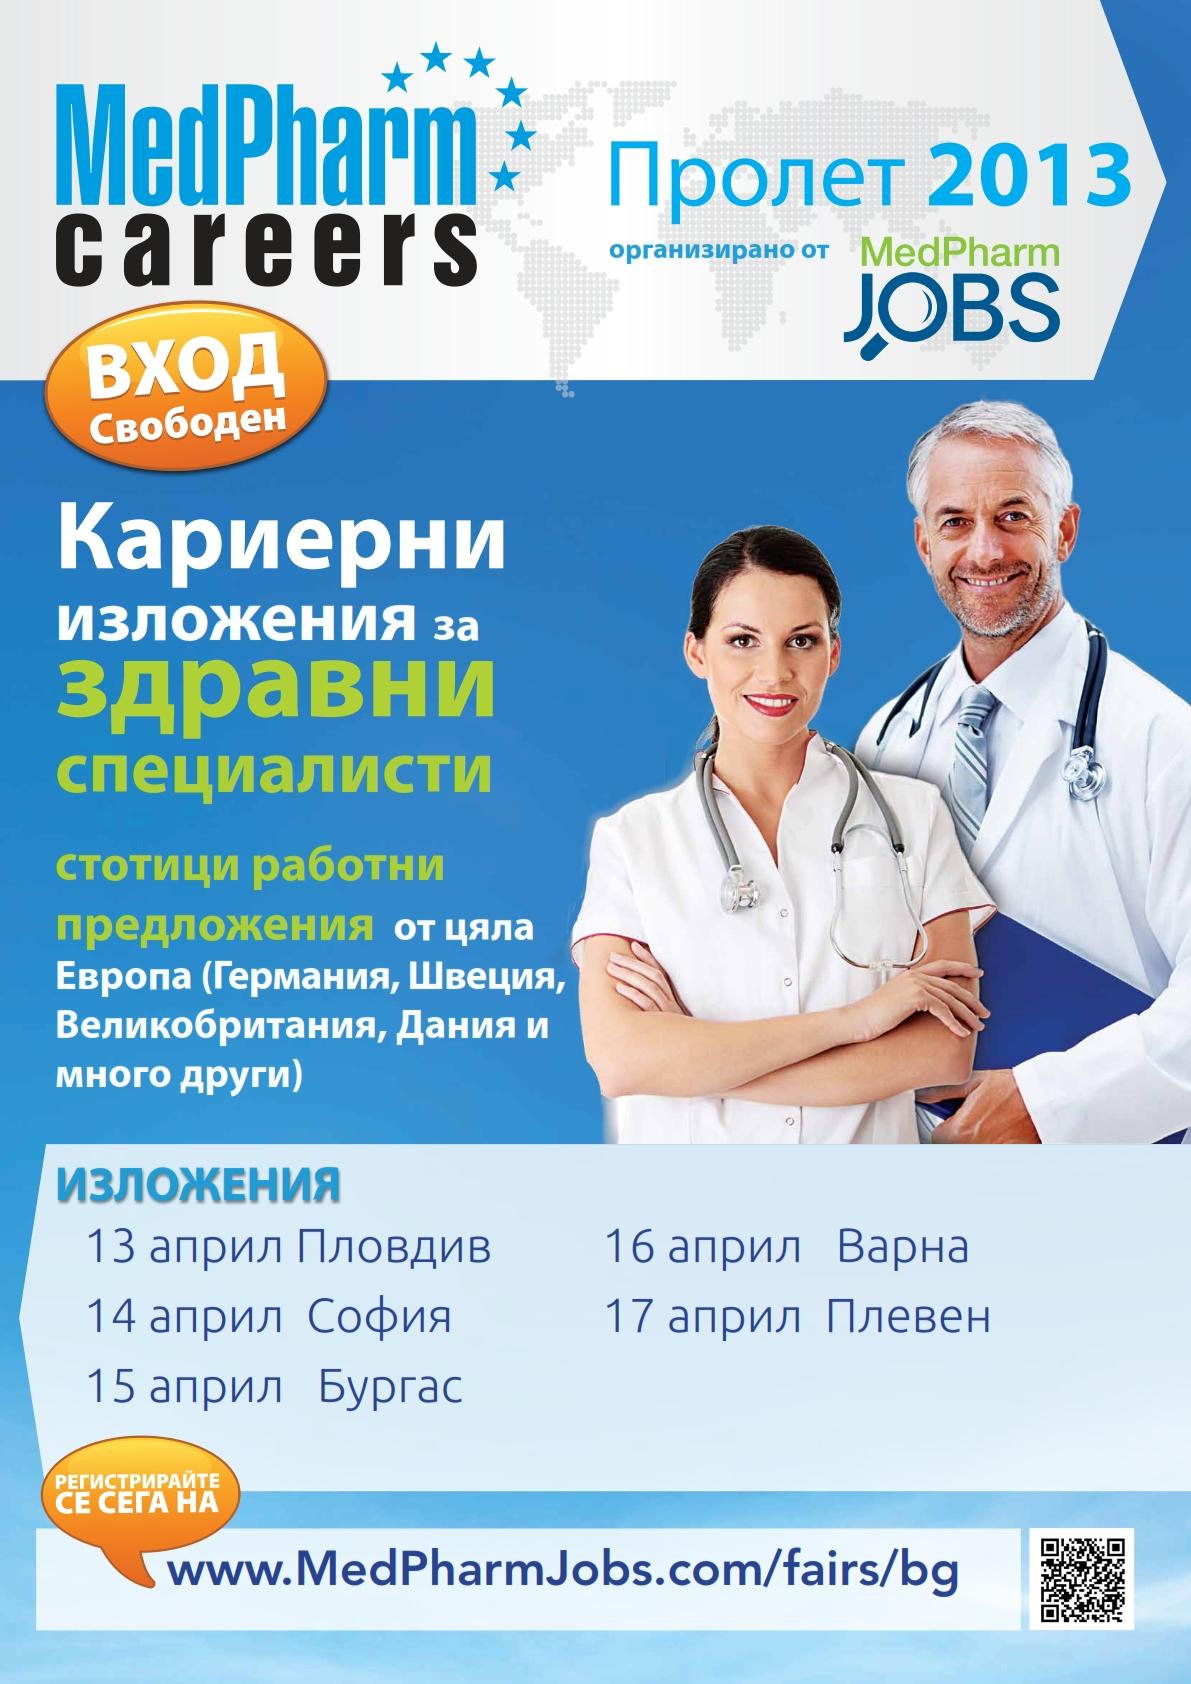 poster bulgaria (1) (1)_001.jpg